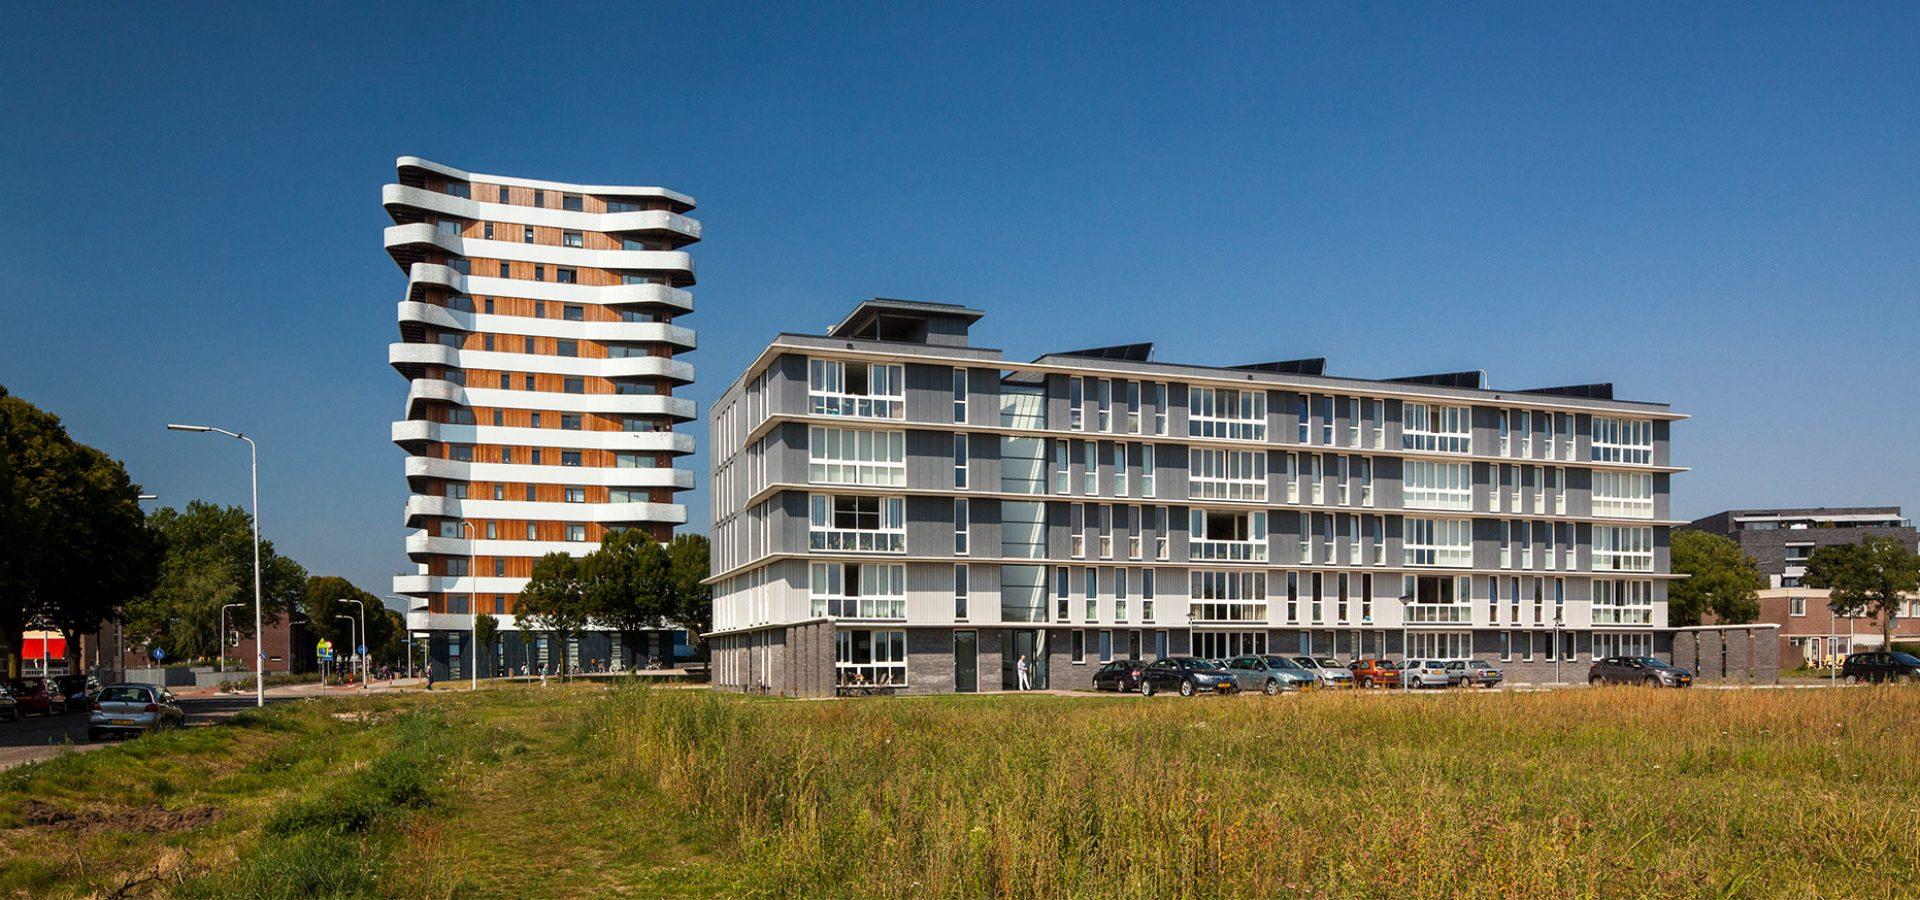 FARO architecten zorgappartementen Hatert Nijmegen 03